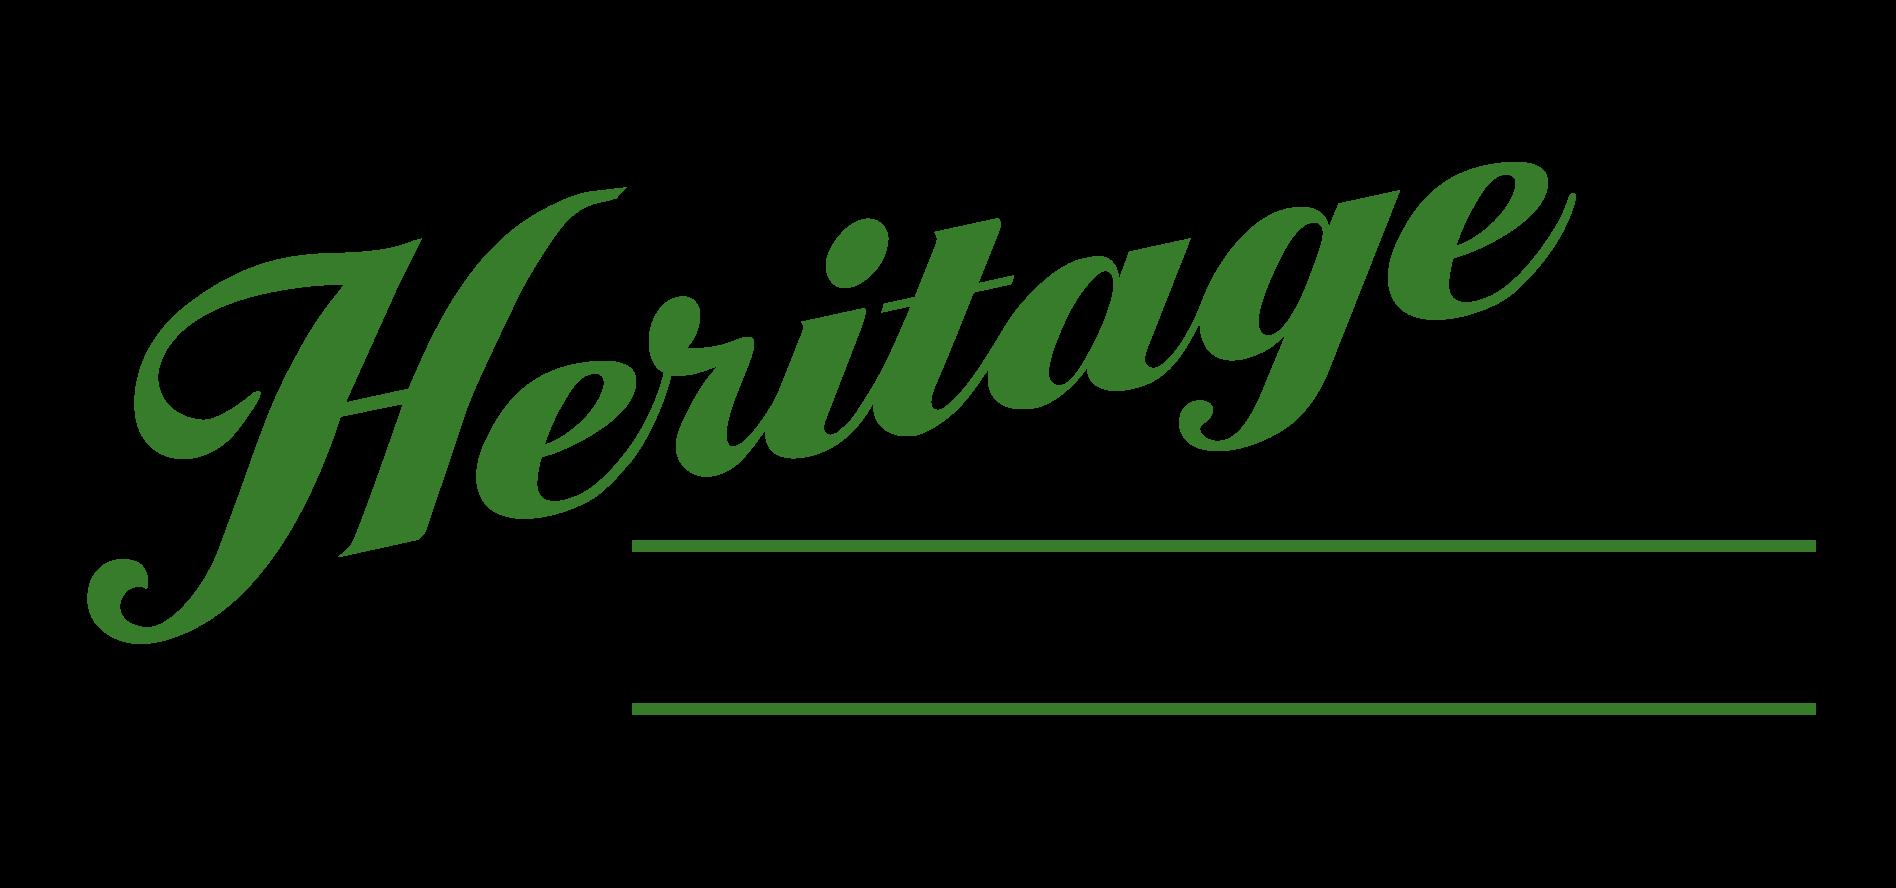 Heritage Tractor -John Deer Dealership Lamar Mo